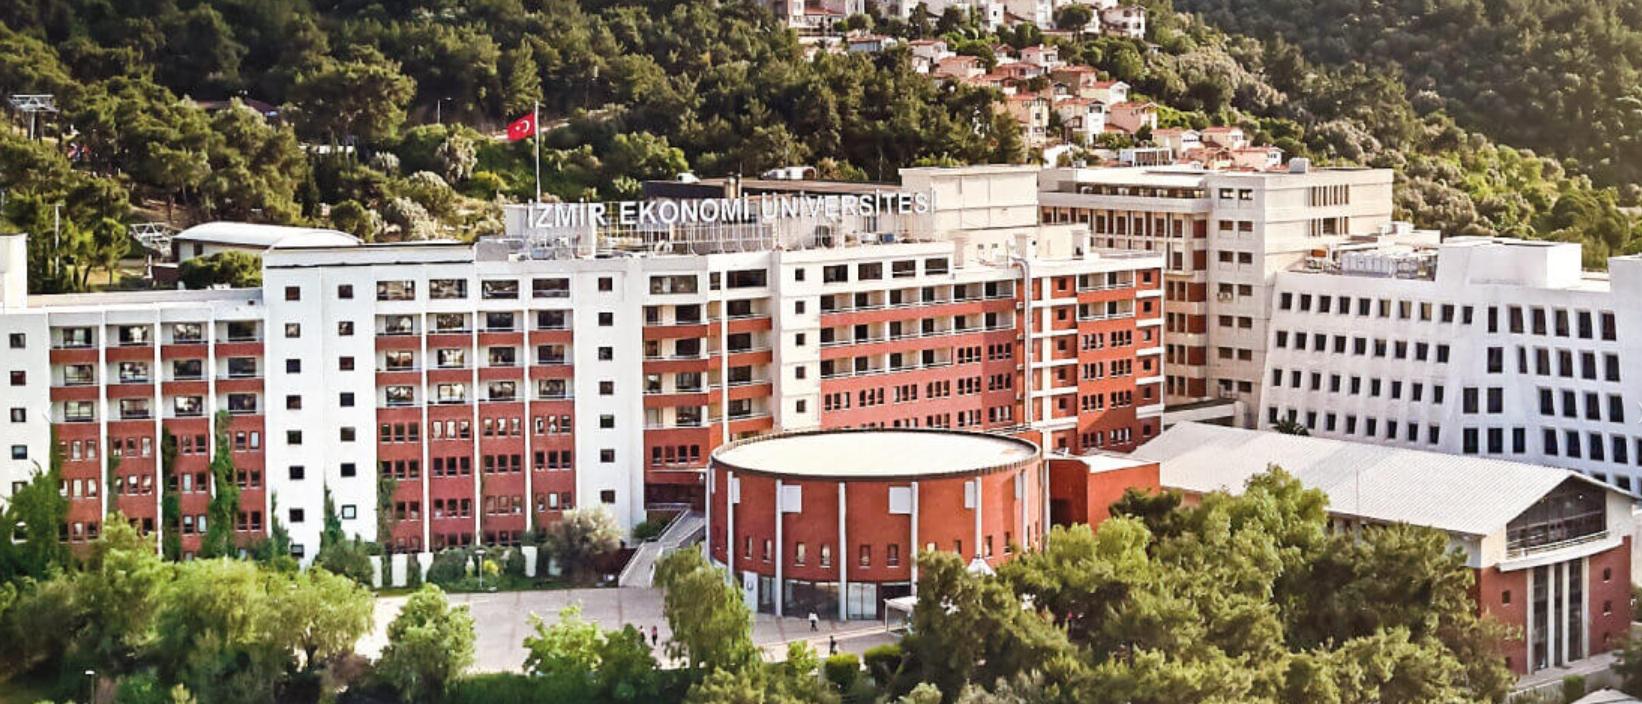 İzmir Ekonomi Üniversitesinden Amerikan Merkez Bankasına